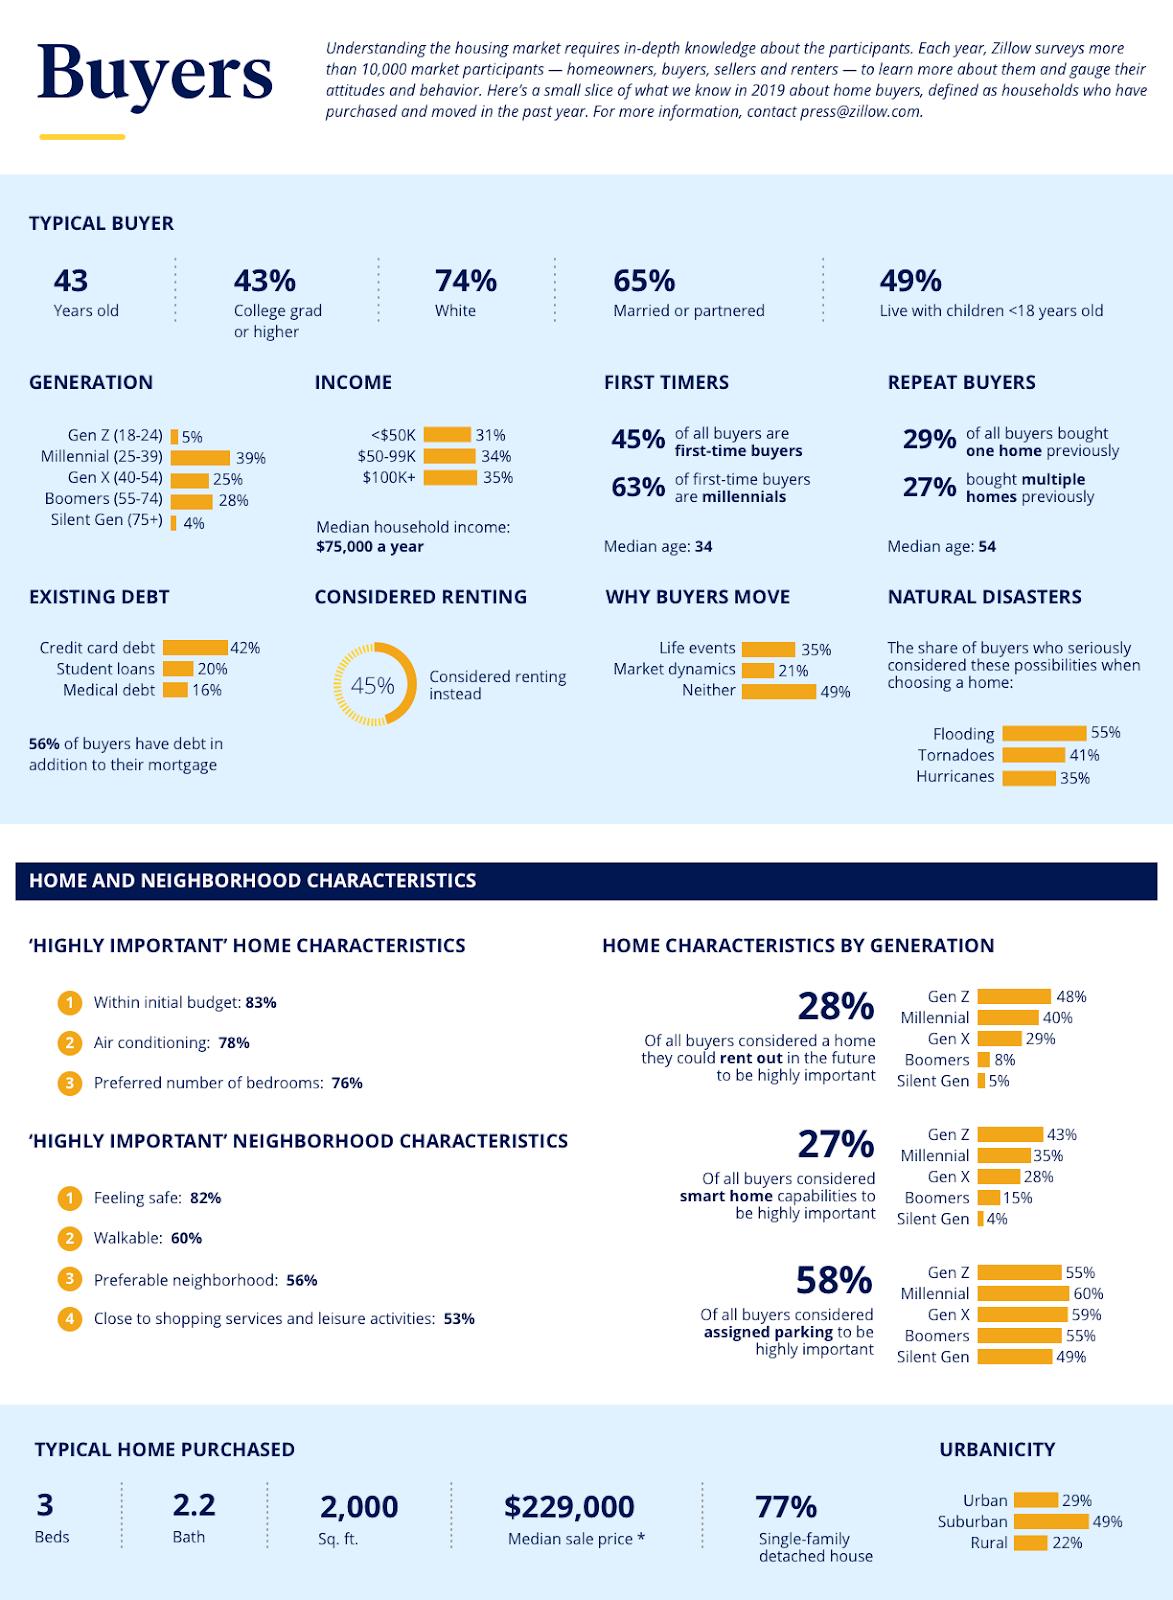 Zillow's 2019 Consumer Housing Trends Report